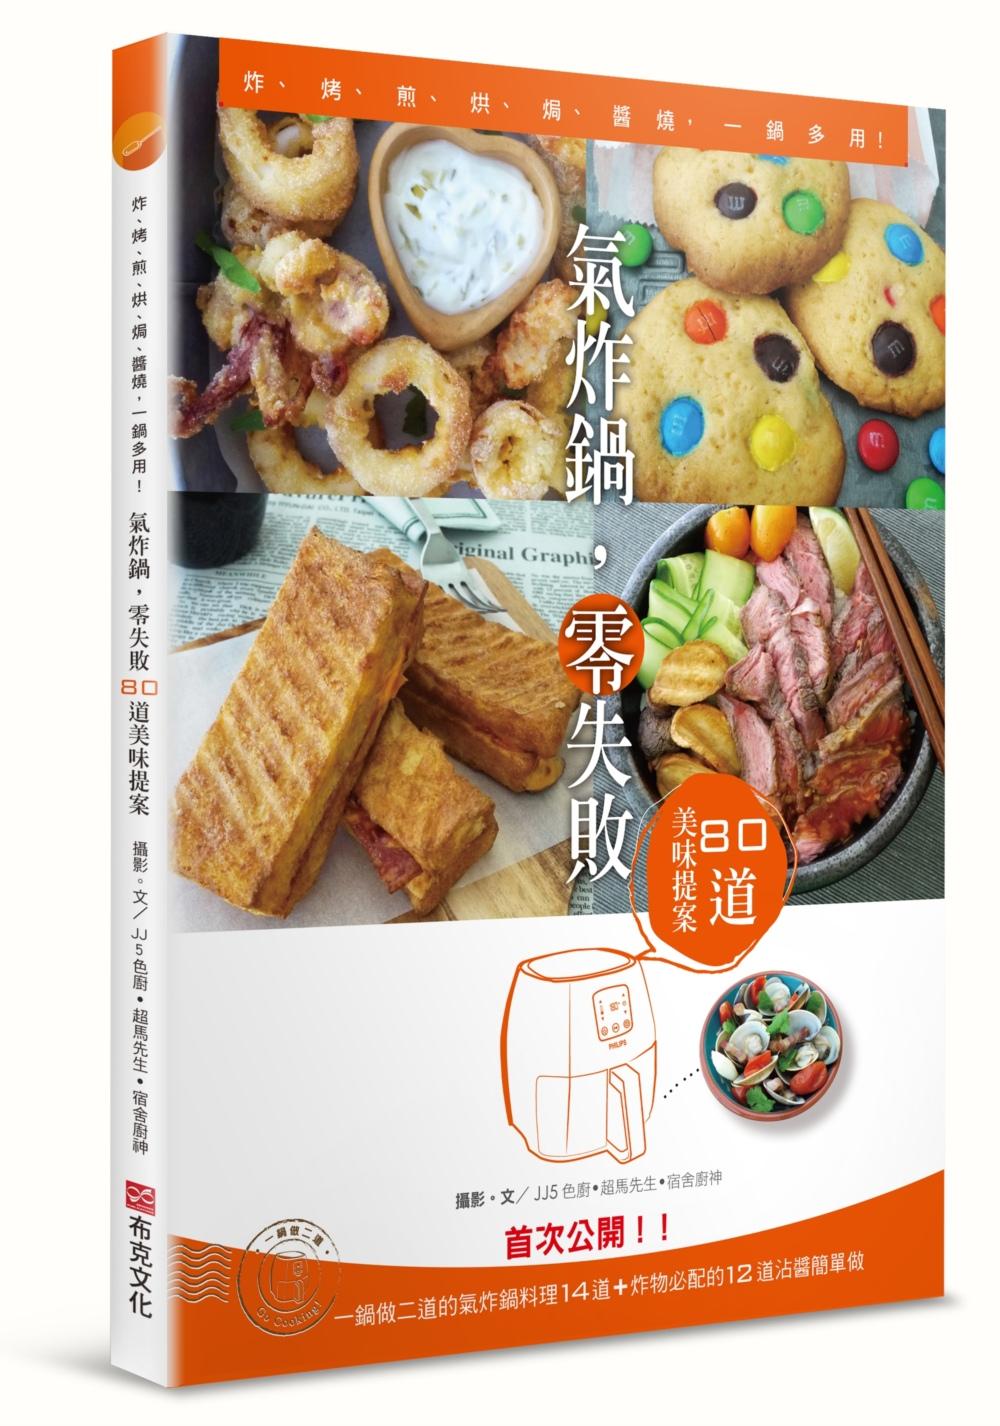 《氣炸鍋,零失敗--80道美味提案:炸、烤、煎、烘、焗、醬燒,一鍋多用!》 商品條碼,ISBN:9789869499446